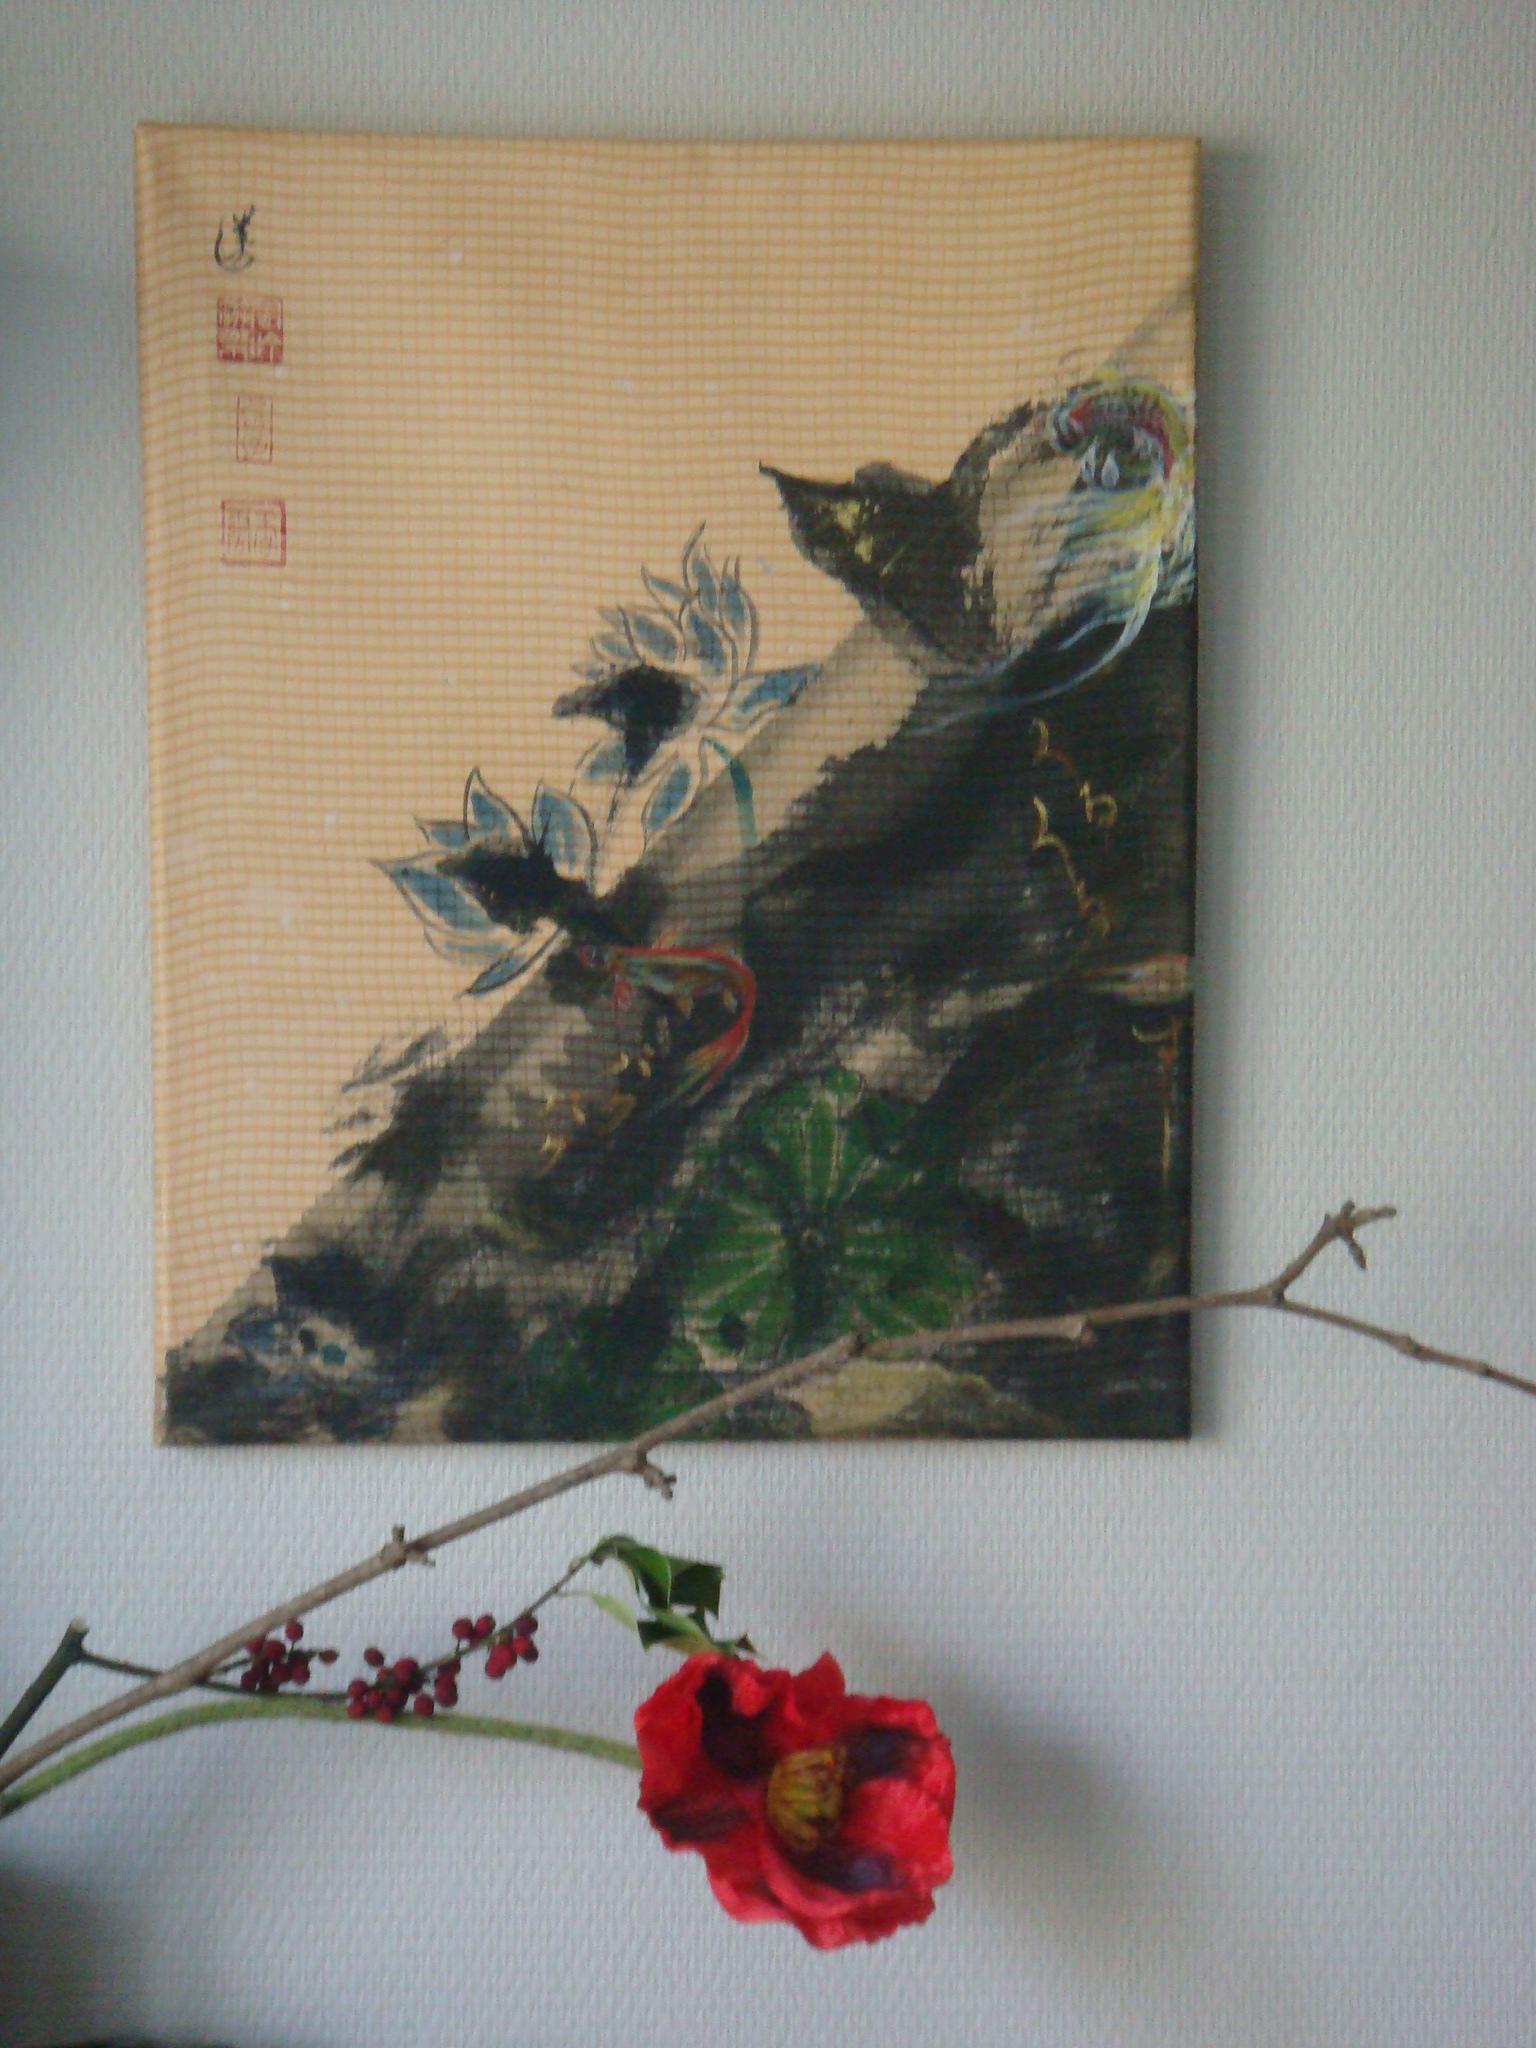 sans title la soie maroufler sur la toile de cotton 40cm x 50cm 250€